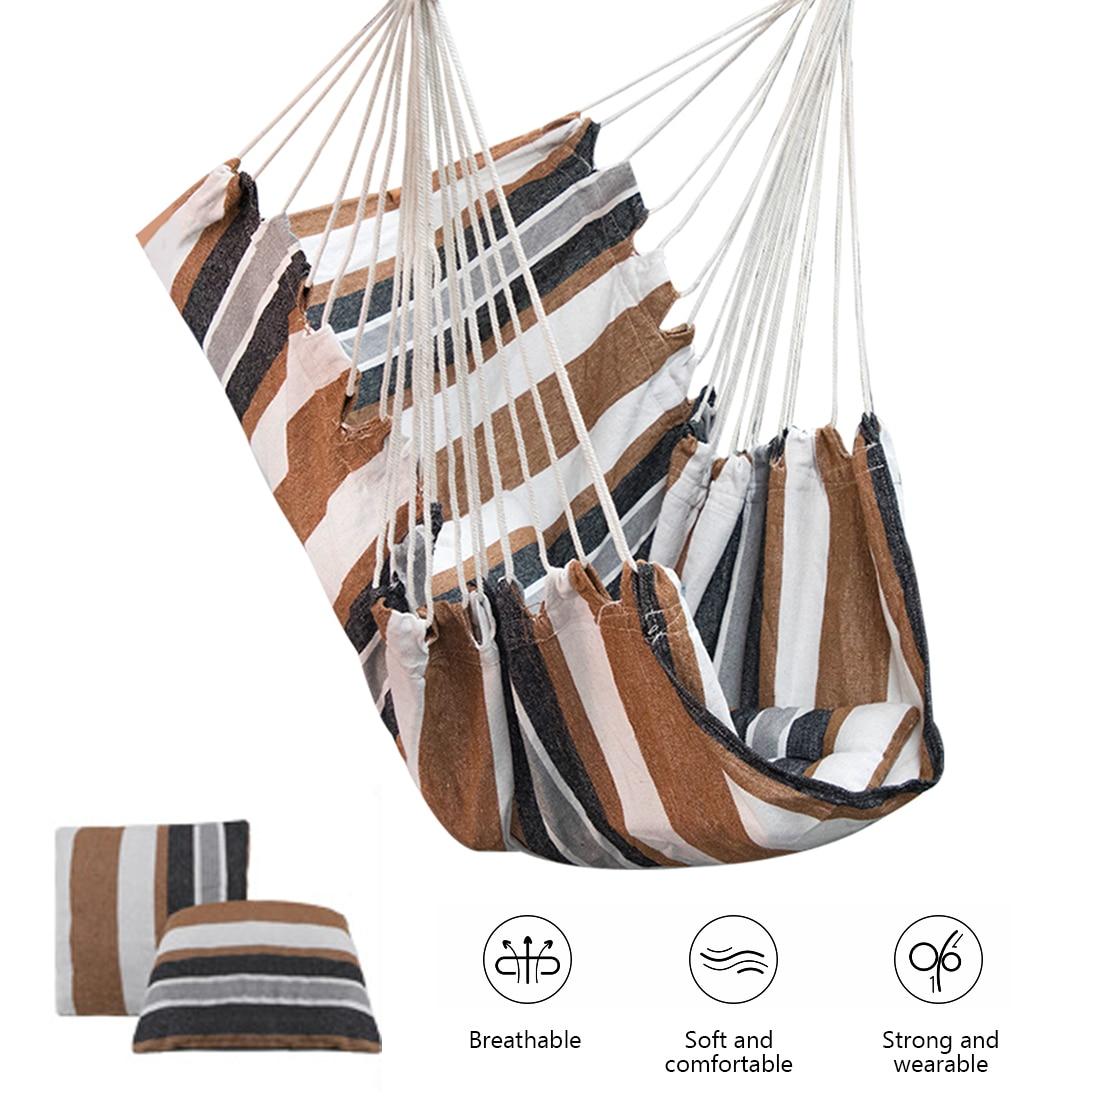 Уличный гамак, качели, утолщенное кресло-качели, подвесное качели, портативное расслабляющее холщовое качели для путешествий, кемпинга, вну...